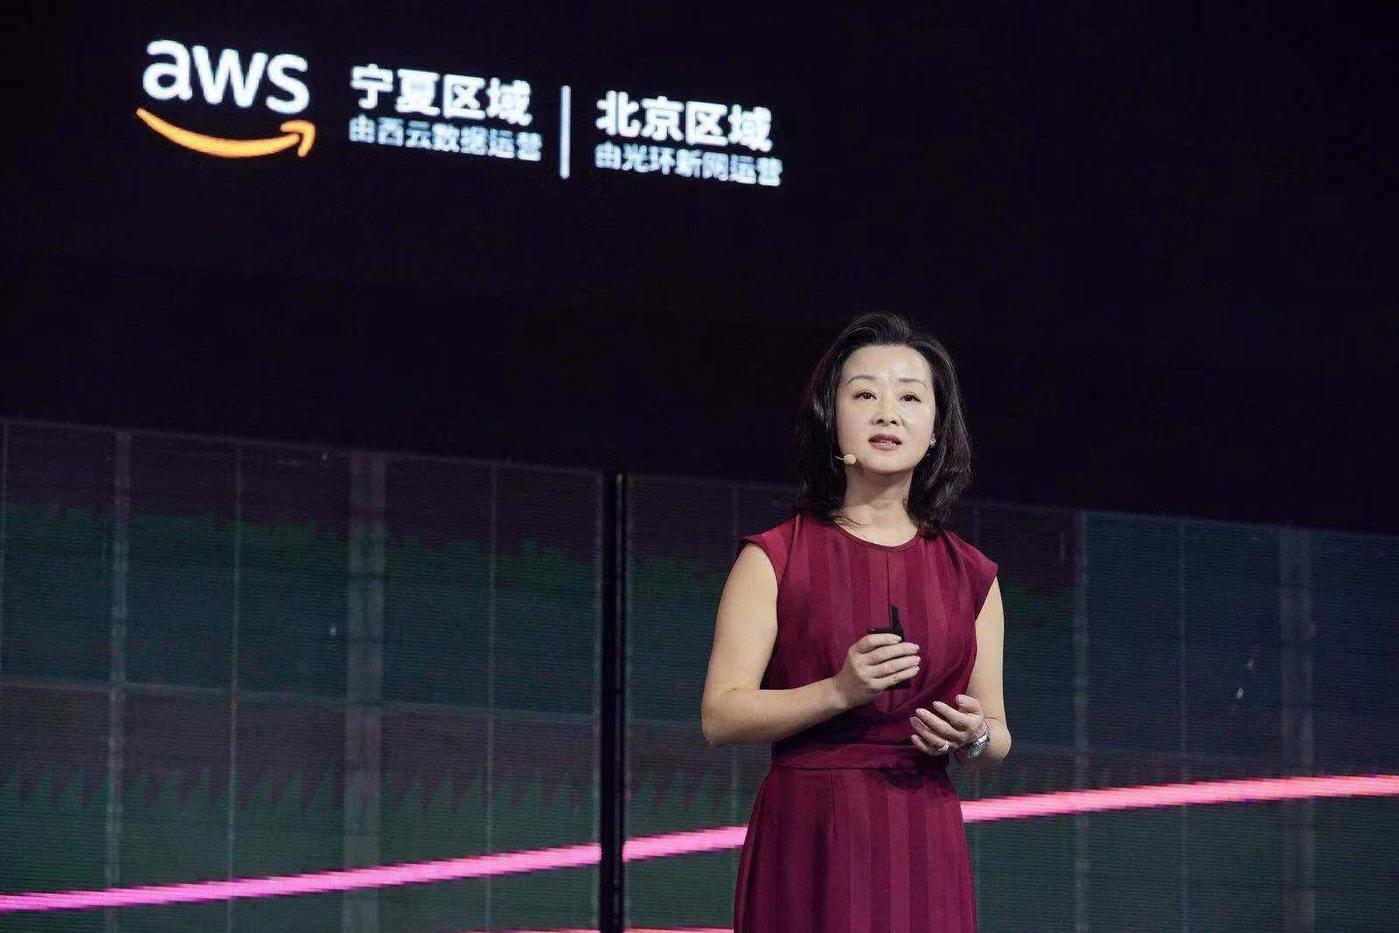 """AWS中国区新帅张文翊""""火药味""""首秀:强调5大绝对优势、加速抢占中国市场"""